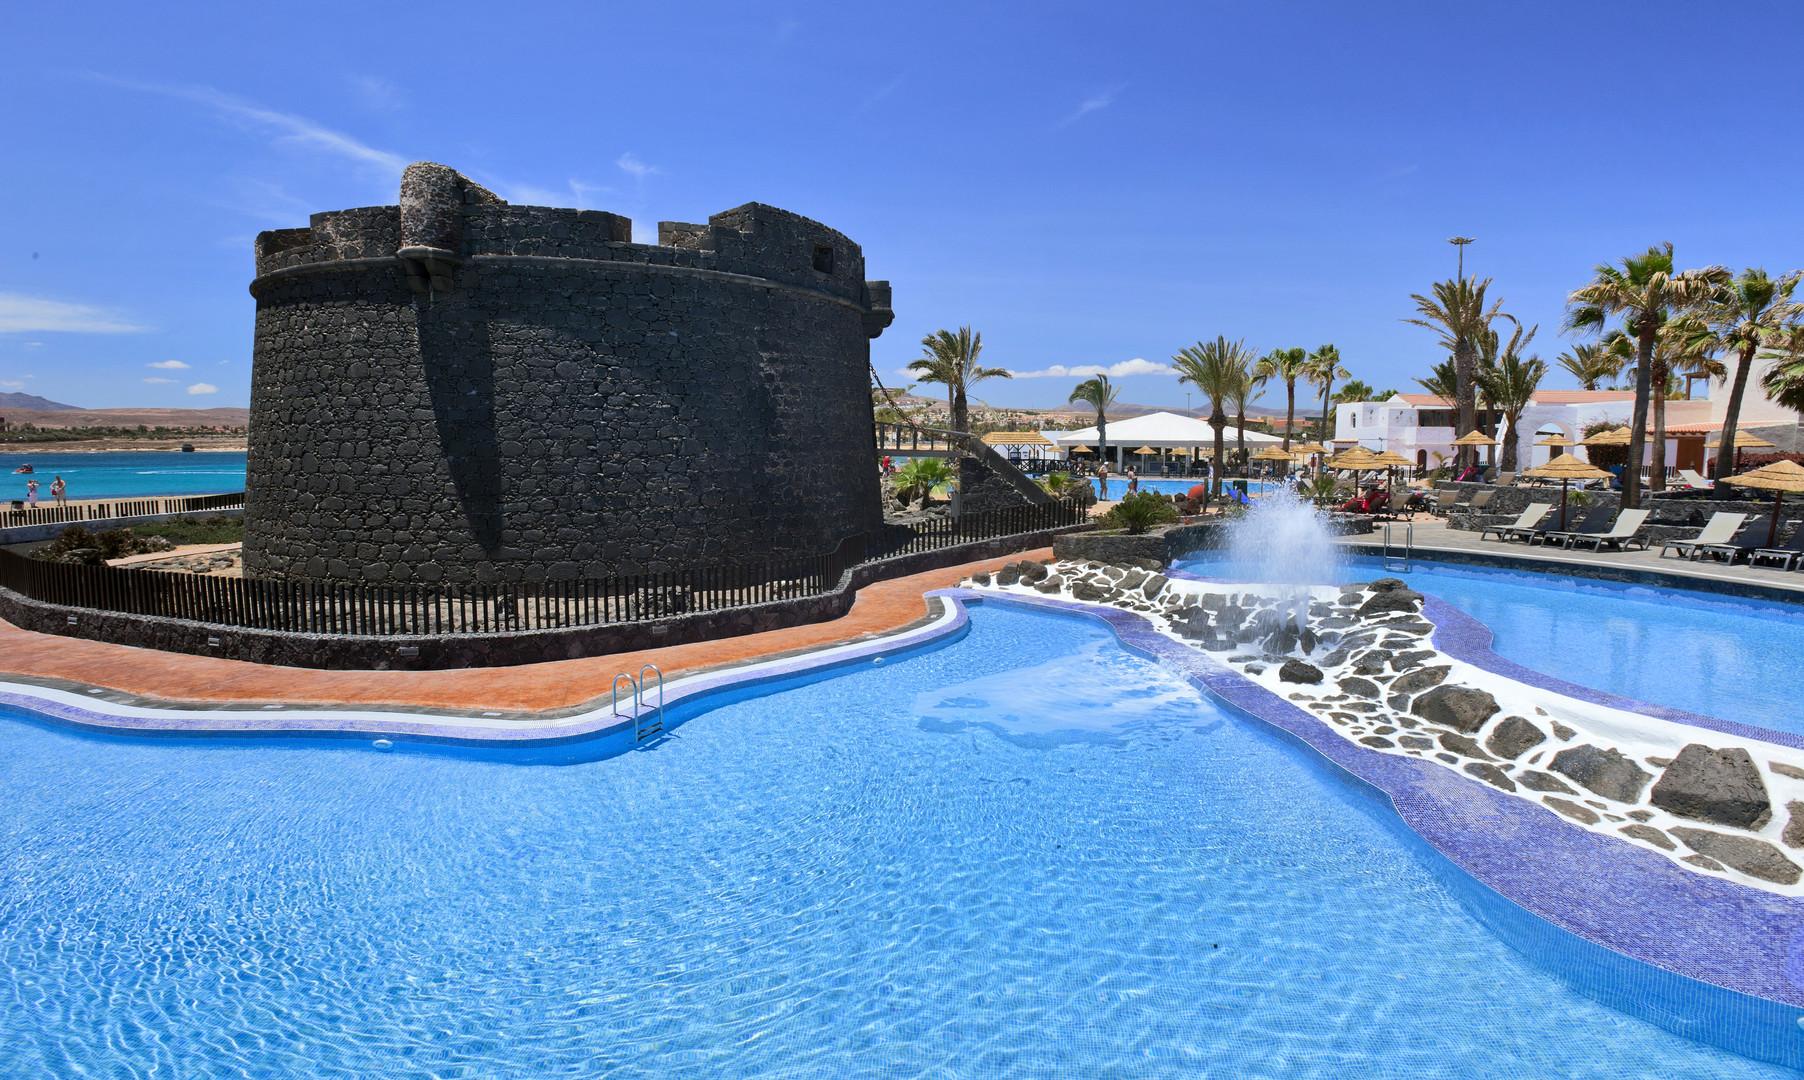 Hotel Barcelo Castillo Beach Resort #3